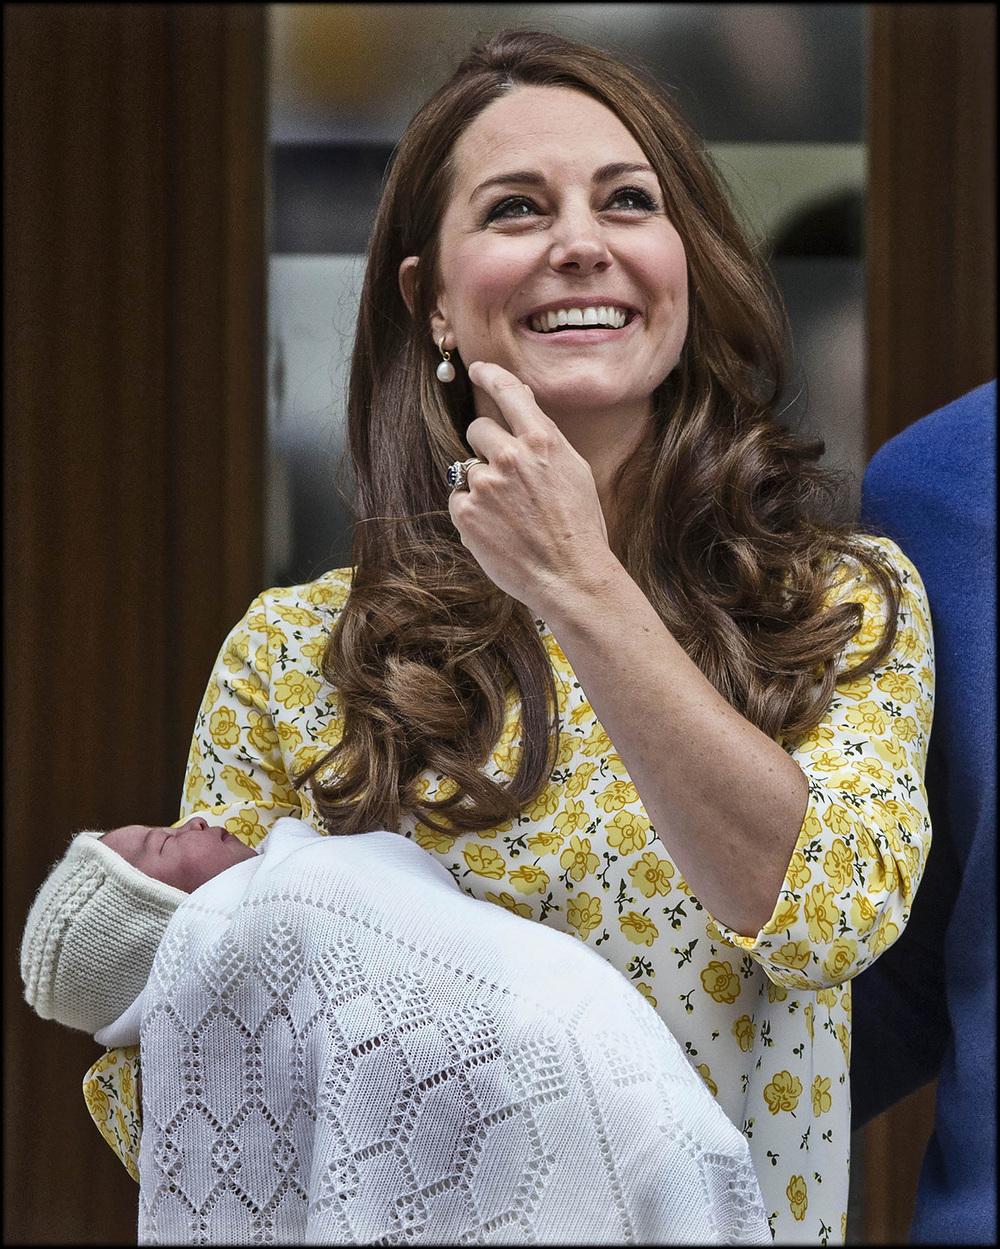 royal baby #2